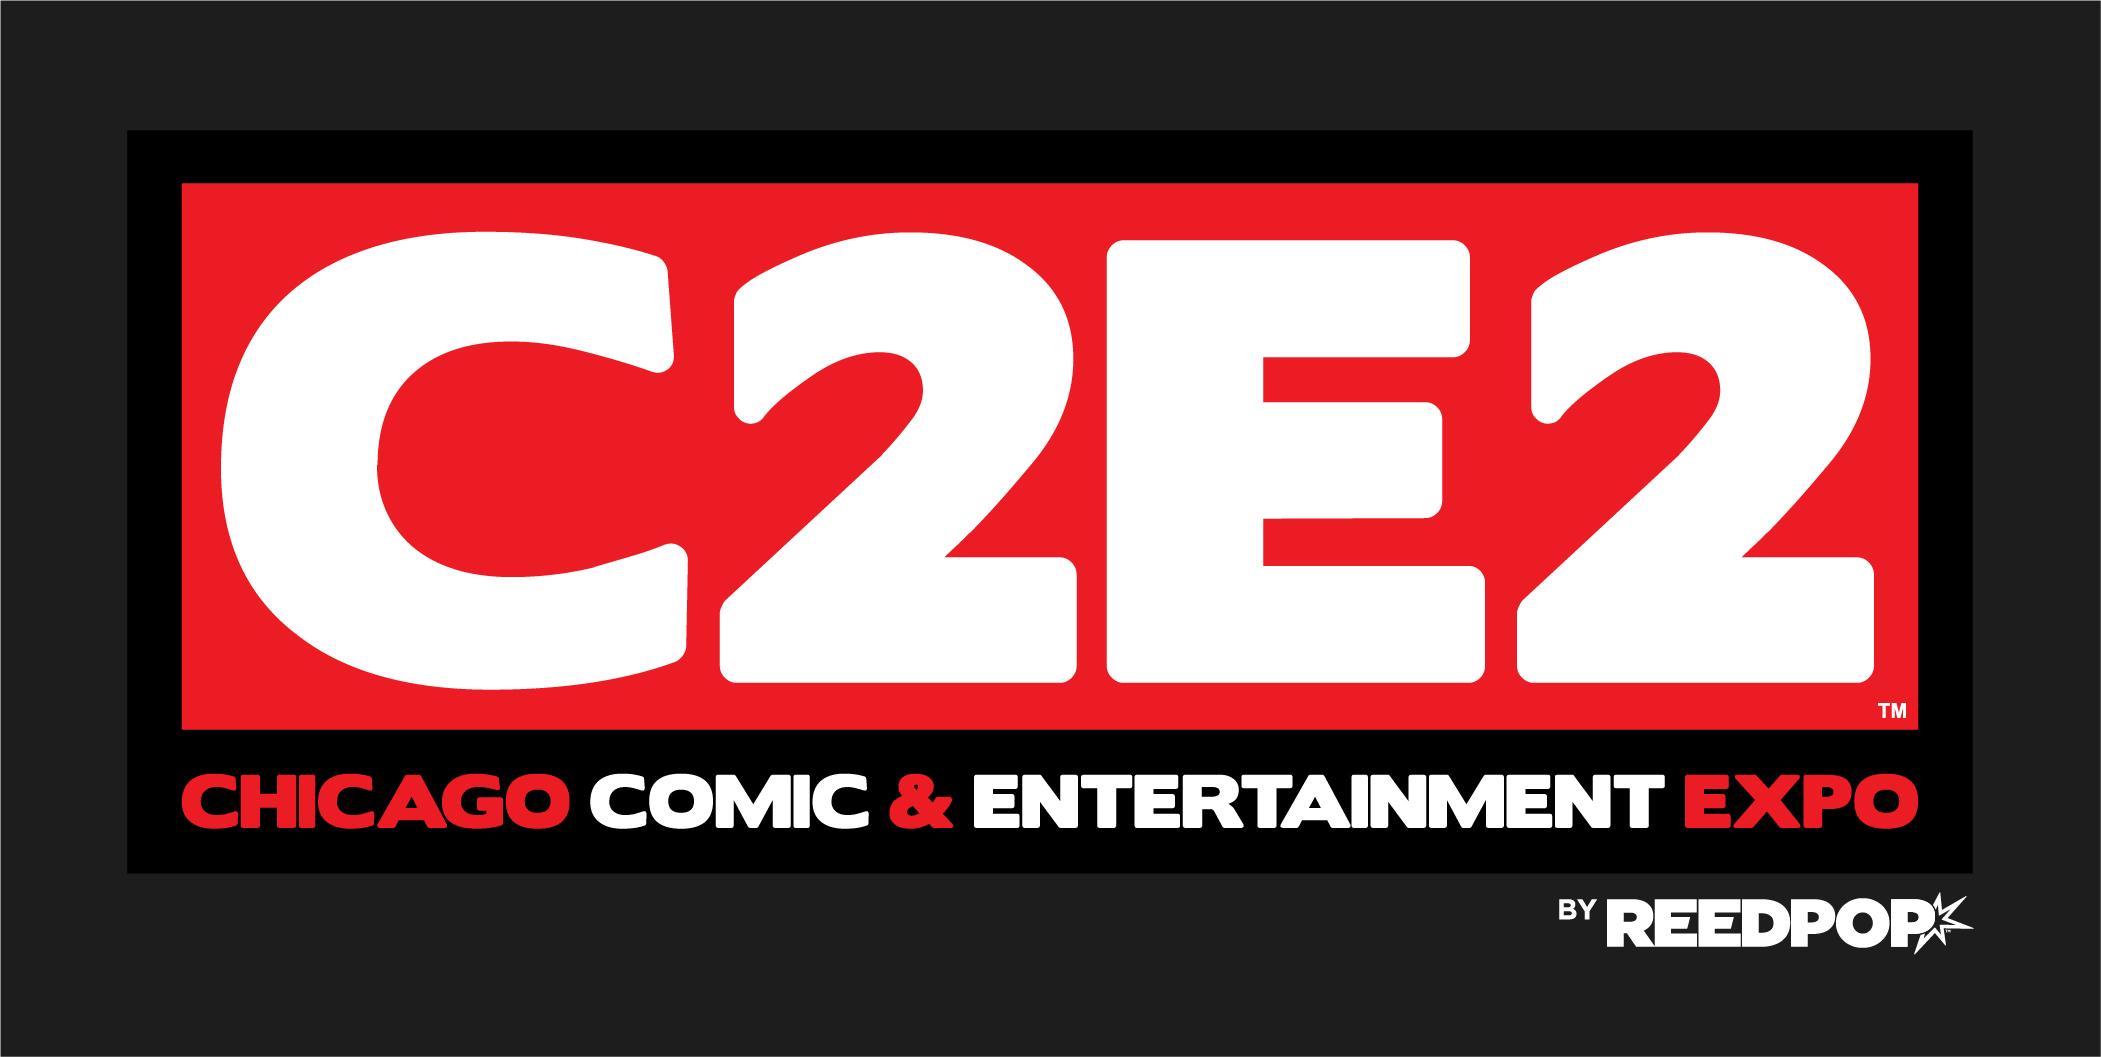 c2e220-logo-byrp-rgb-horizontal-color.jpg